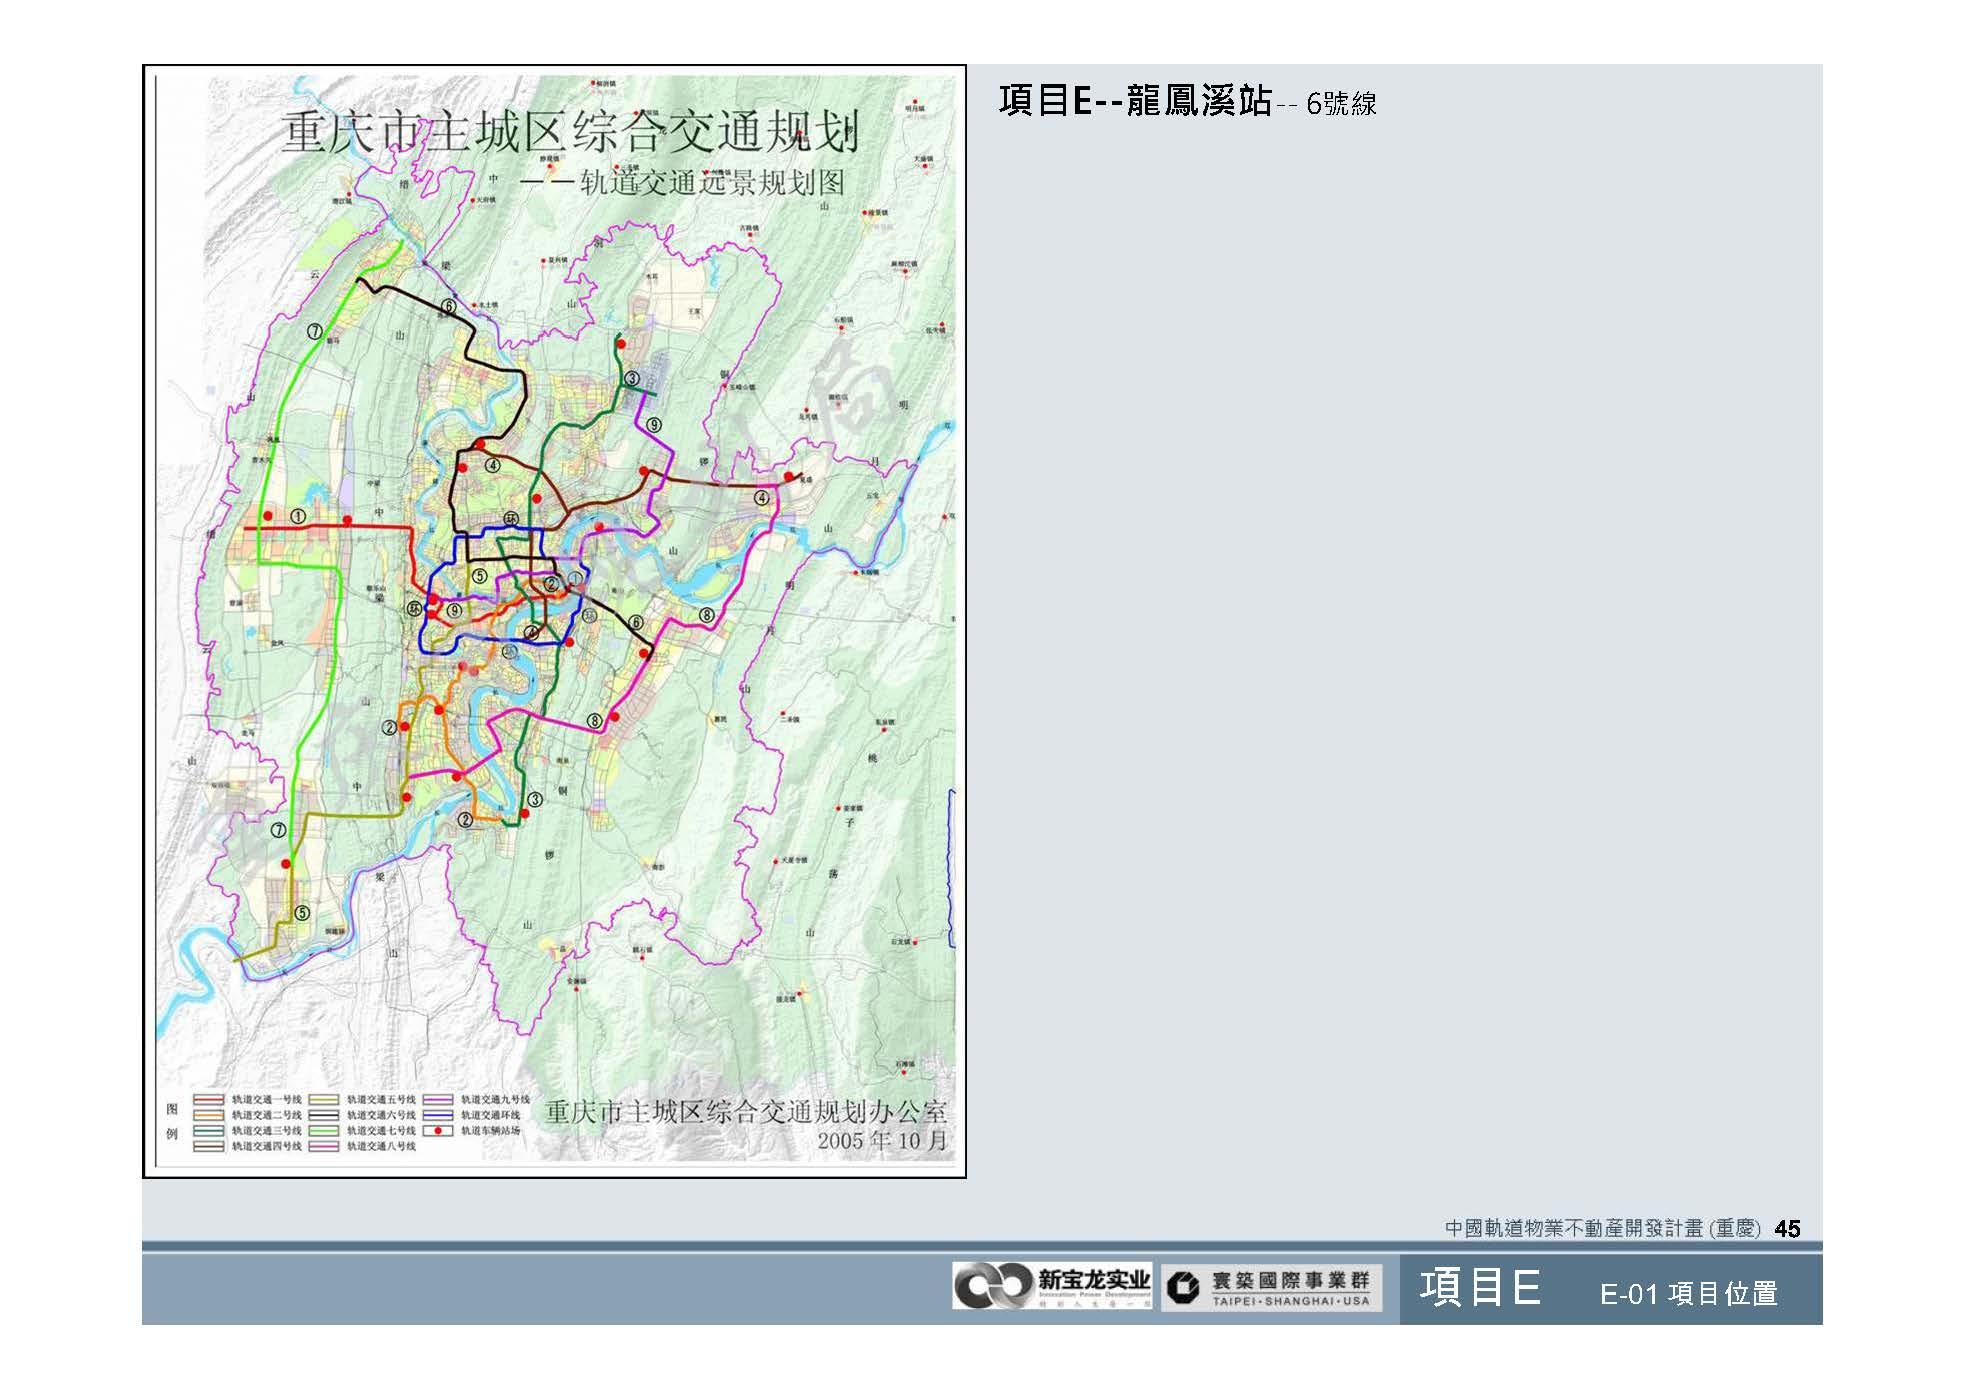 20100812-中國軌道物業不動產開發計畫(重慶)_頁面_46